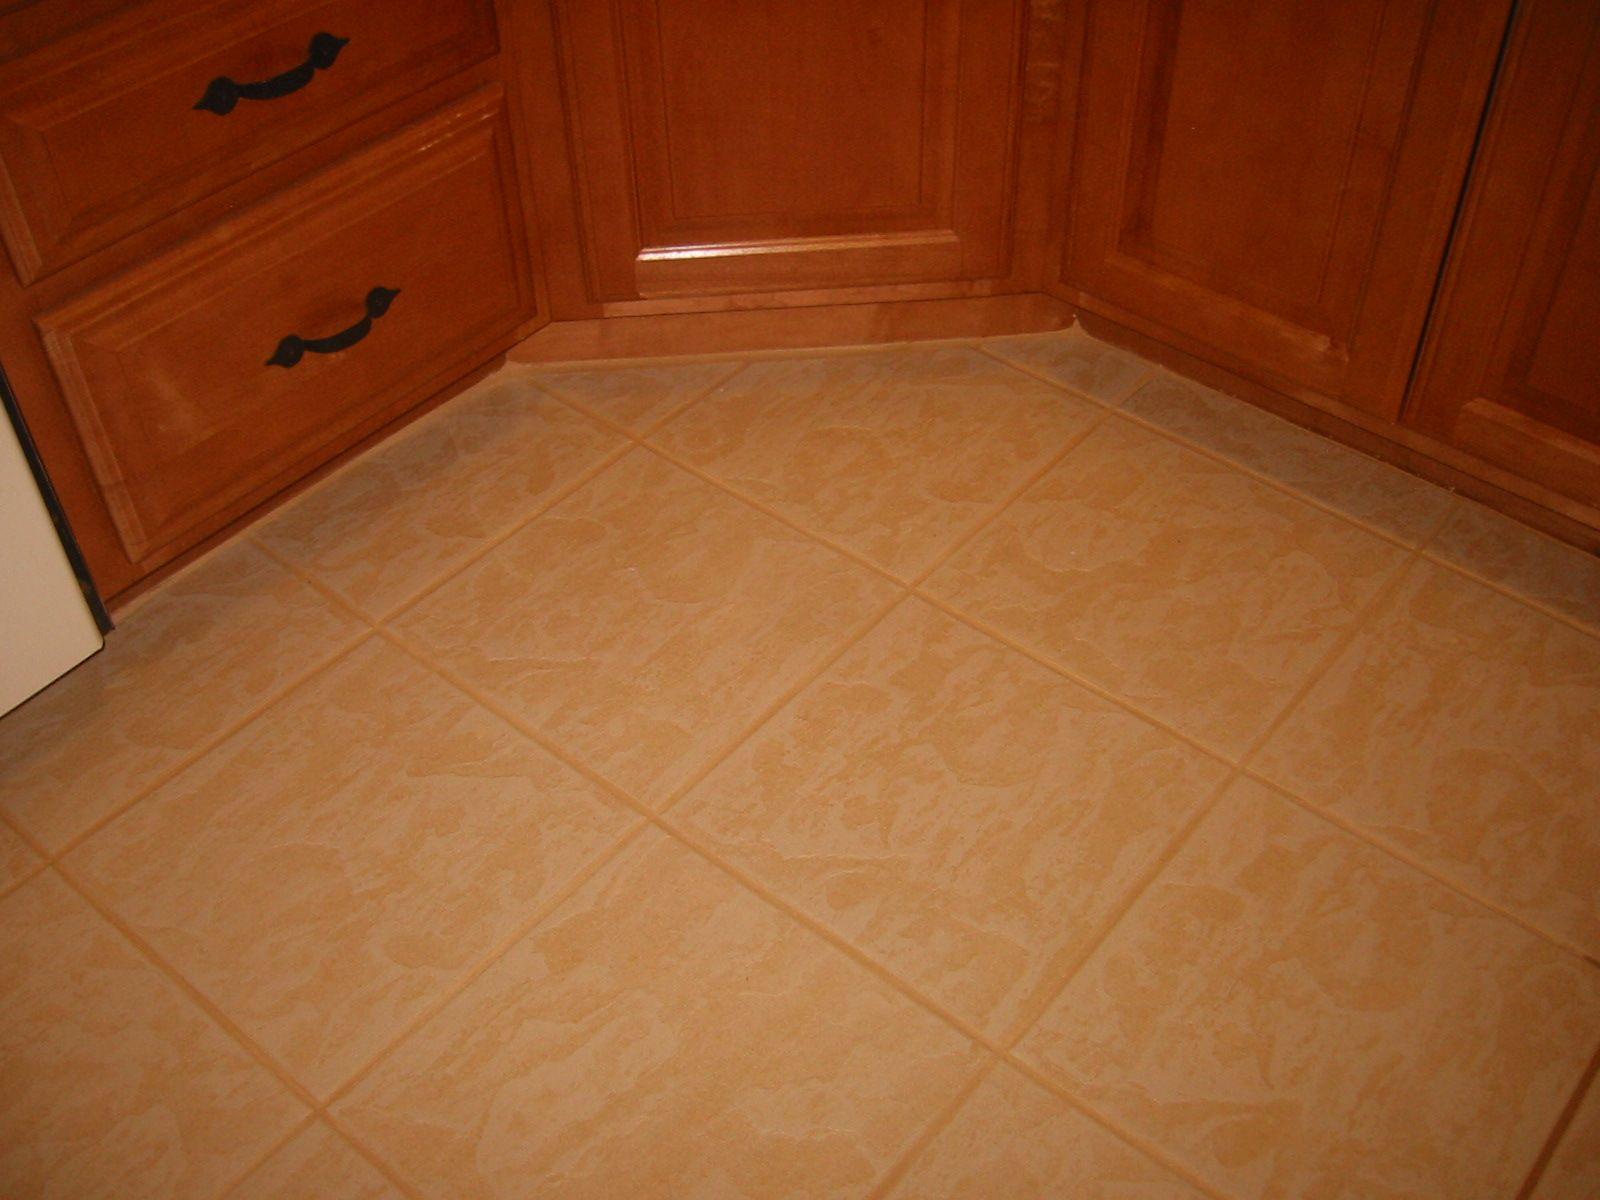 Kitchen Floor Tile View Recent Tile Repair Jobs All About Tile Repair And Tile Ceramic Tile Floor Kitchen Kitchen Flooring Kitchen Floor Tile